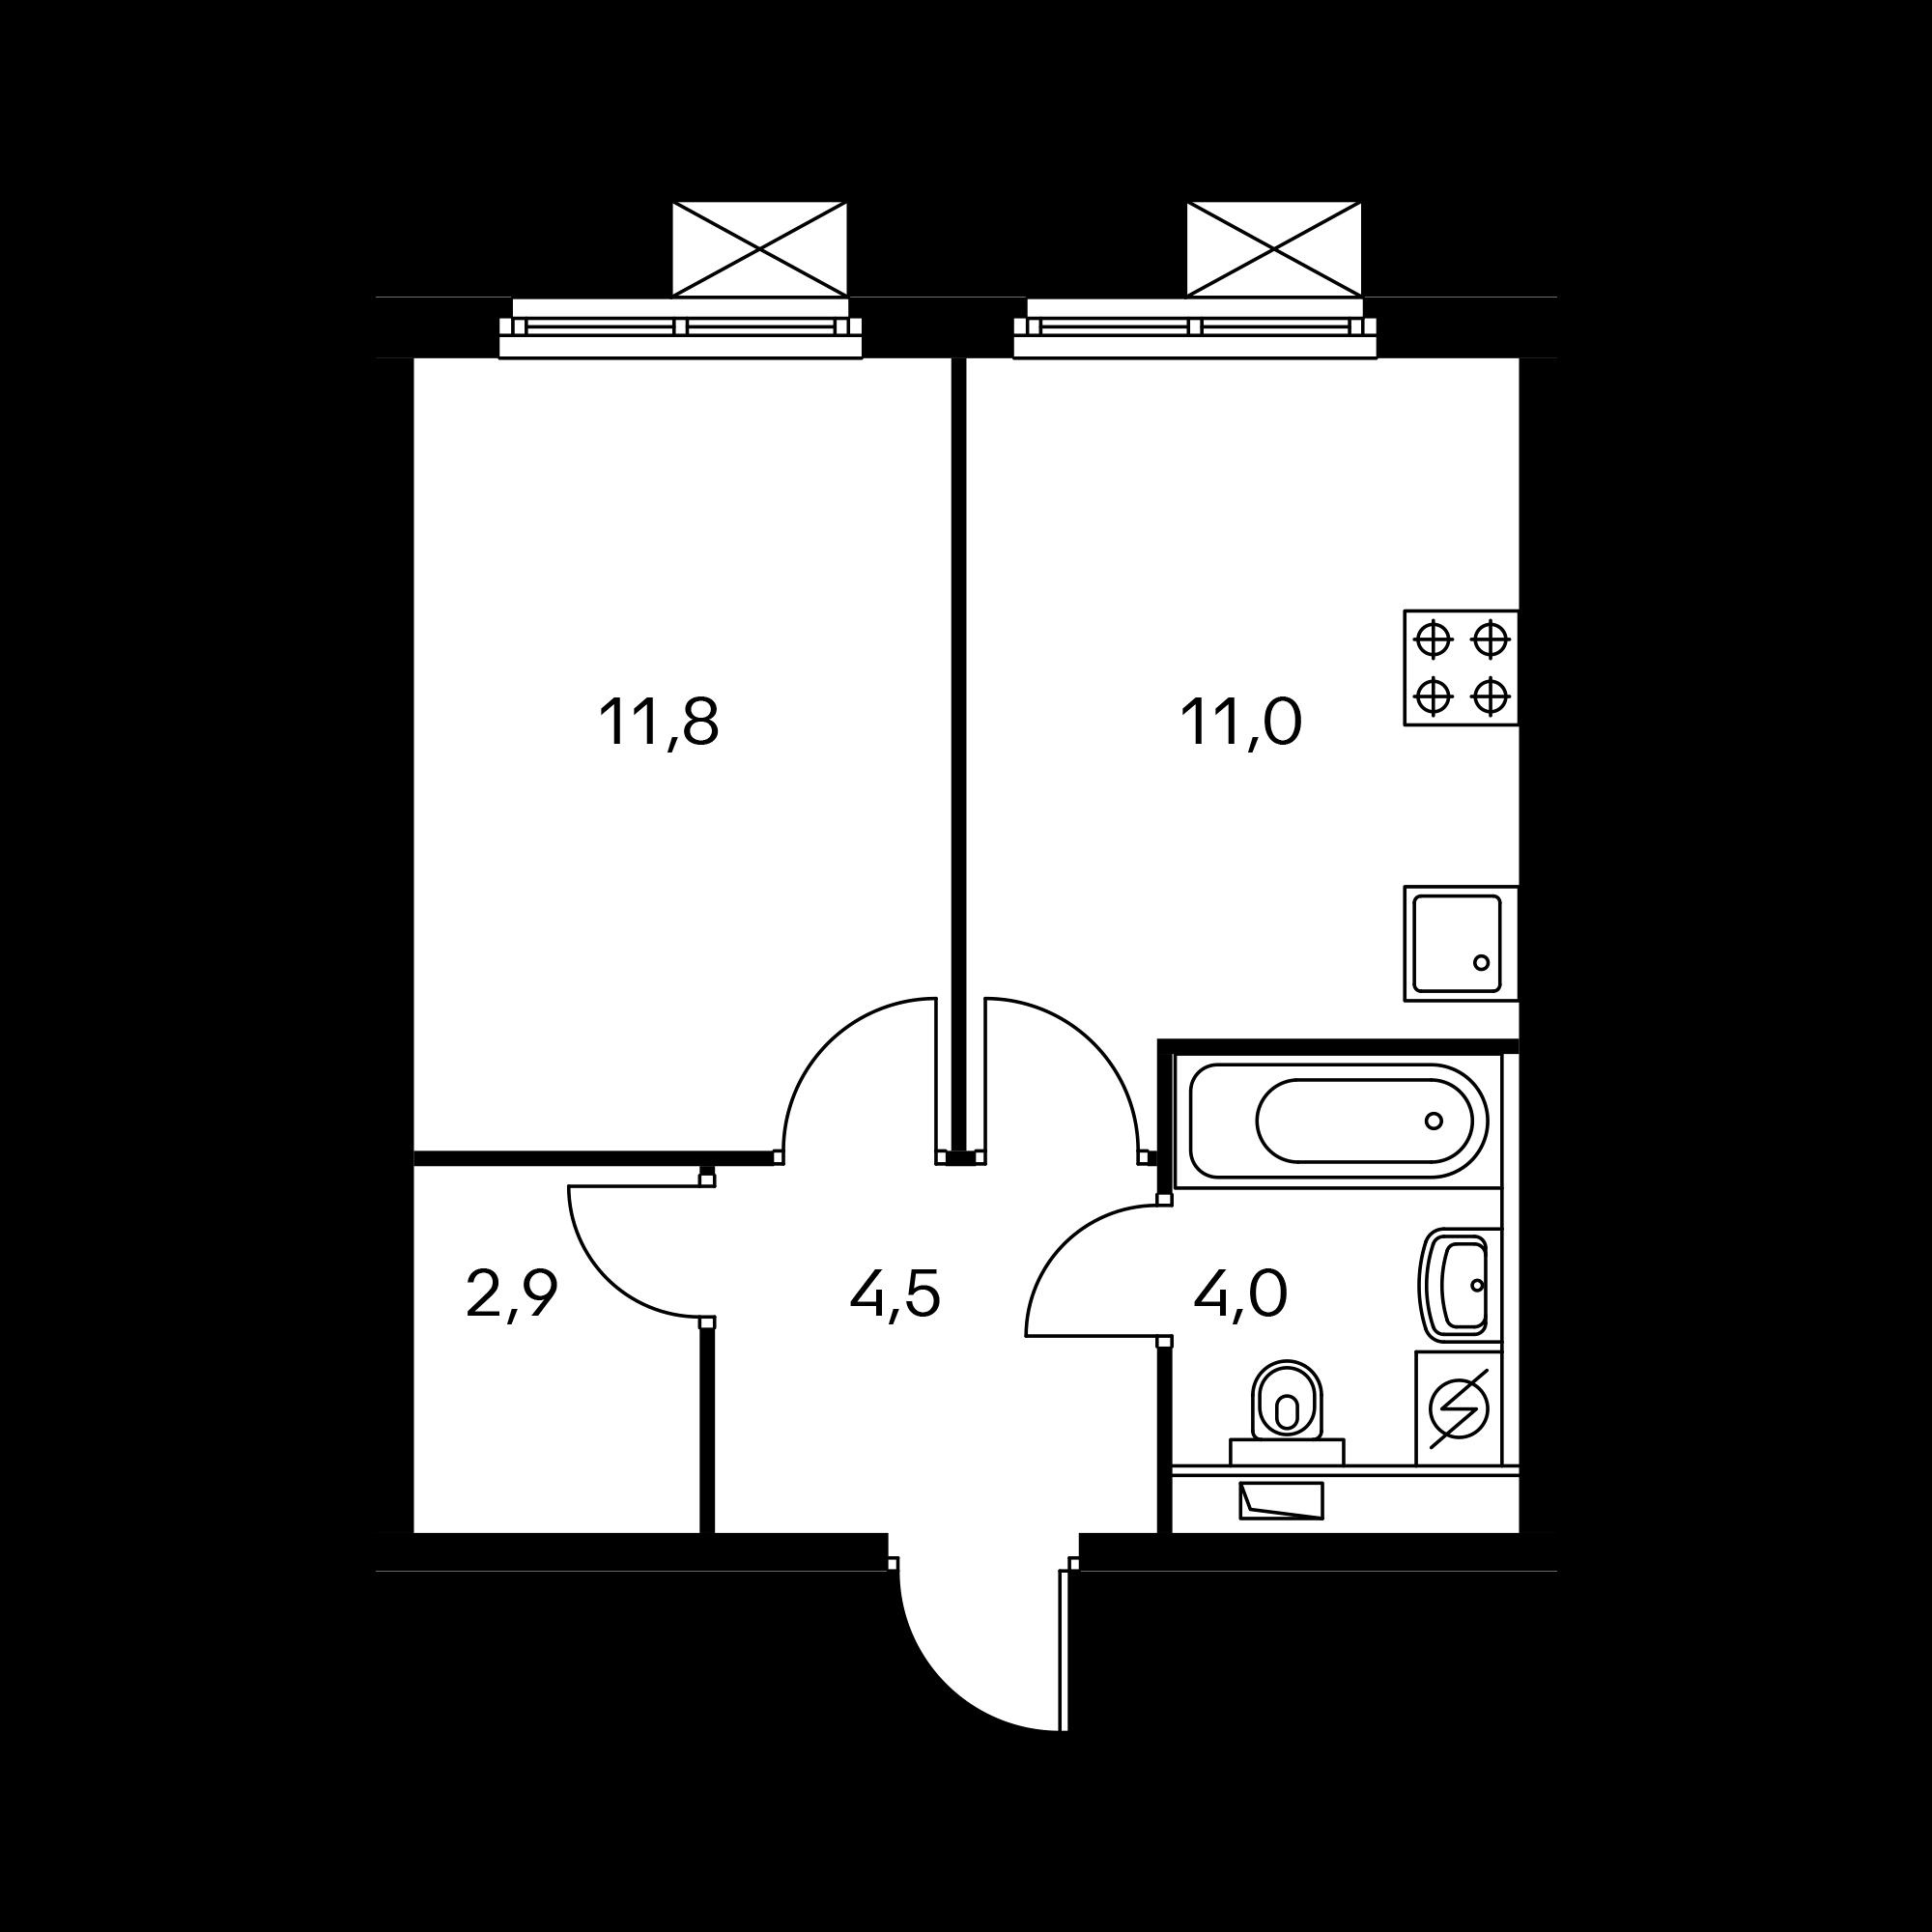 1KS1_6.0-1_Z